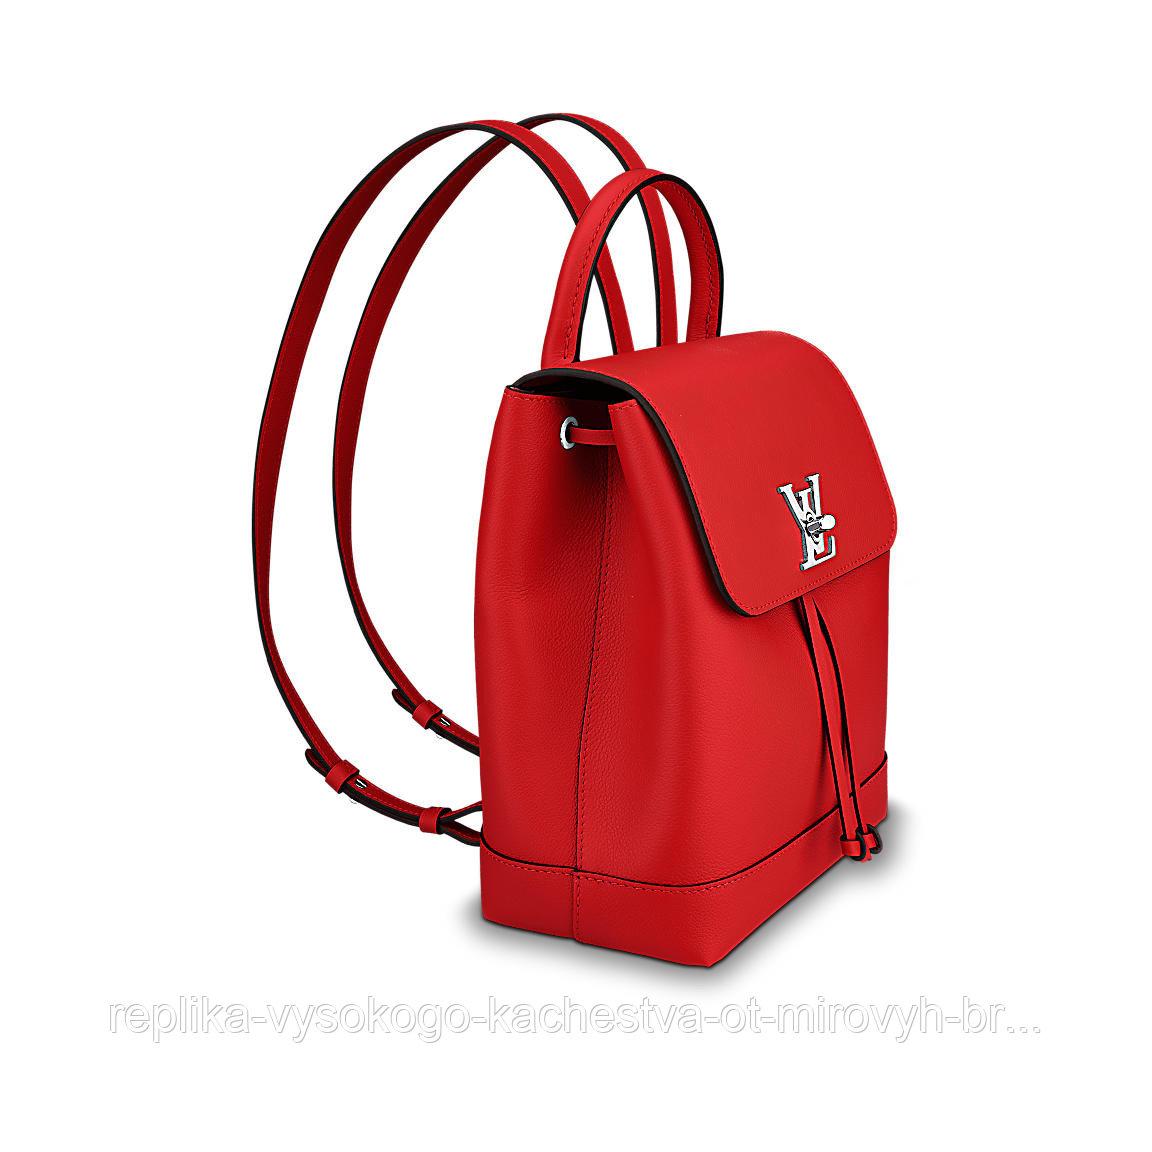 Рюкзак LOCKME BACKPACK, 6 расцветок